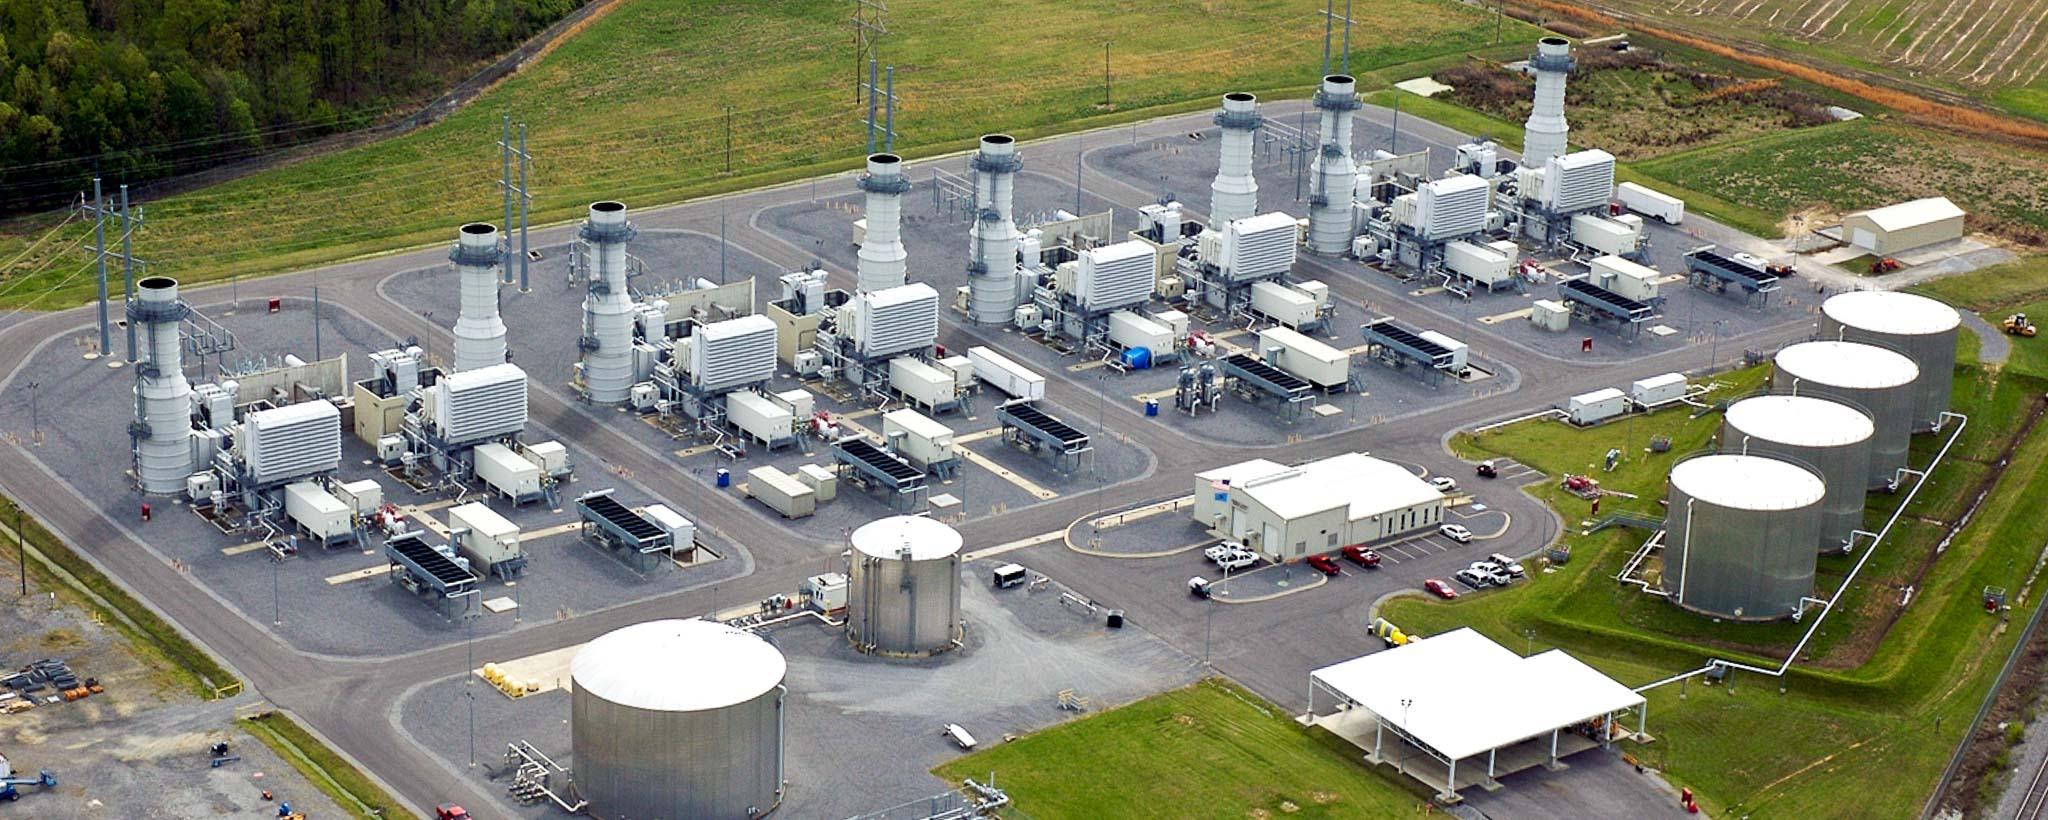 Marshall Combustion Turbine Plant